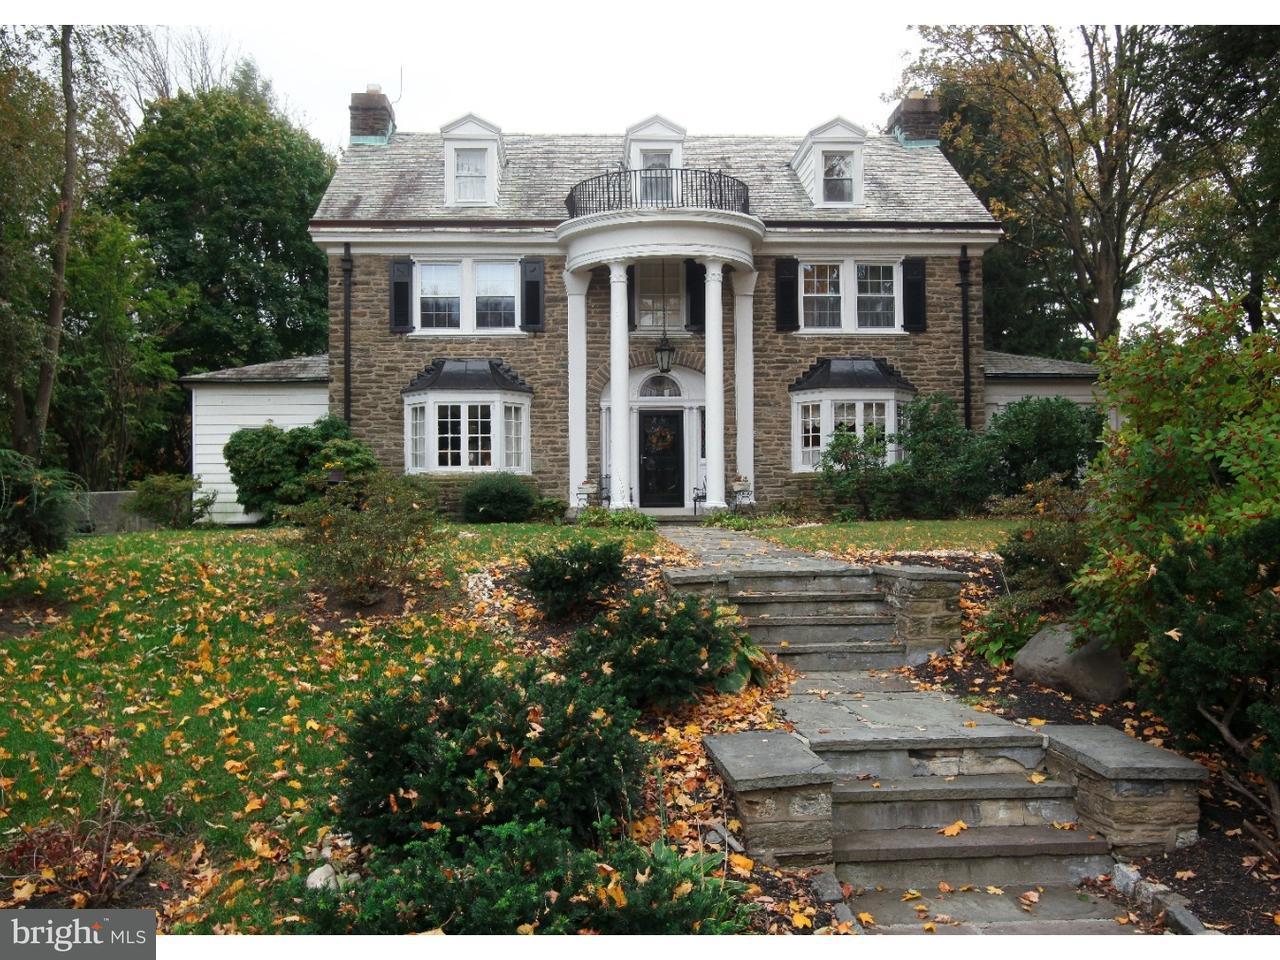 独户住宅 为 销售 在 34 LATHAM PARK 埃尔金斯帕克, 宾夕法尼亚州 19027 美国